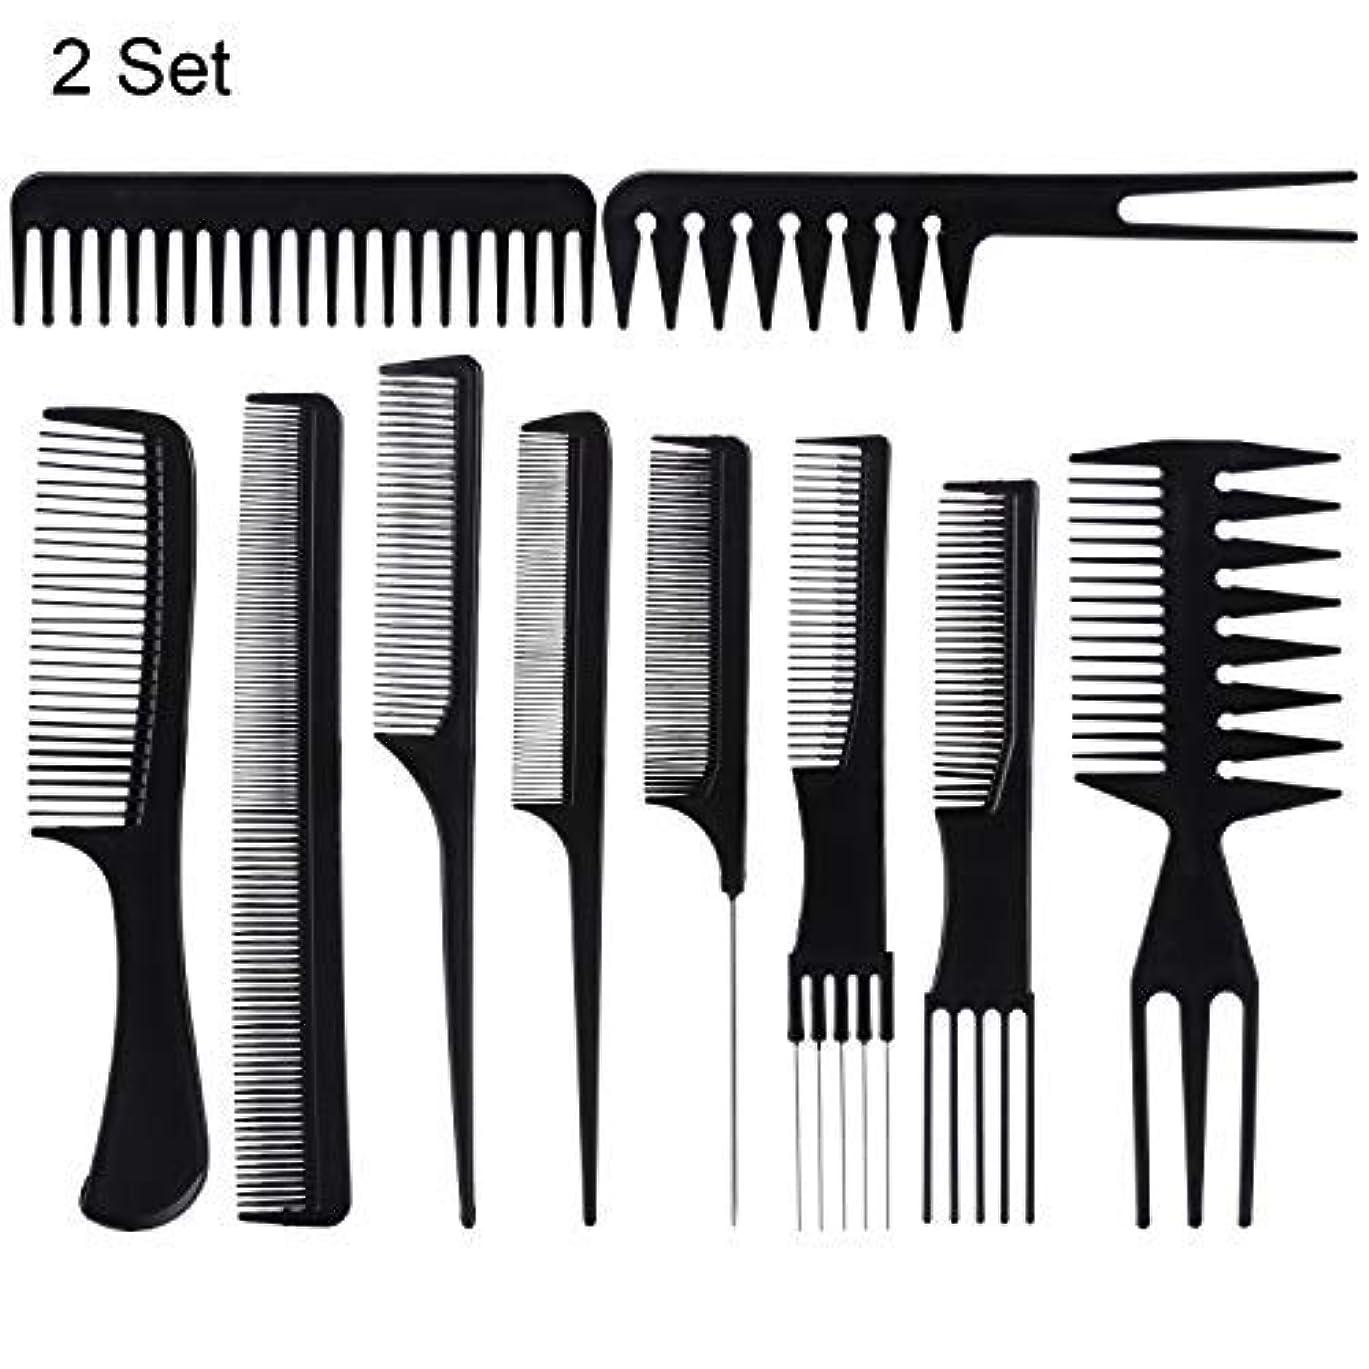 それぞれに渡って空港20 Piece Professional Styling Comb Set for Making hair style [並行輸入品]